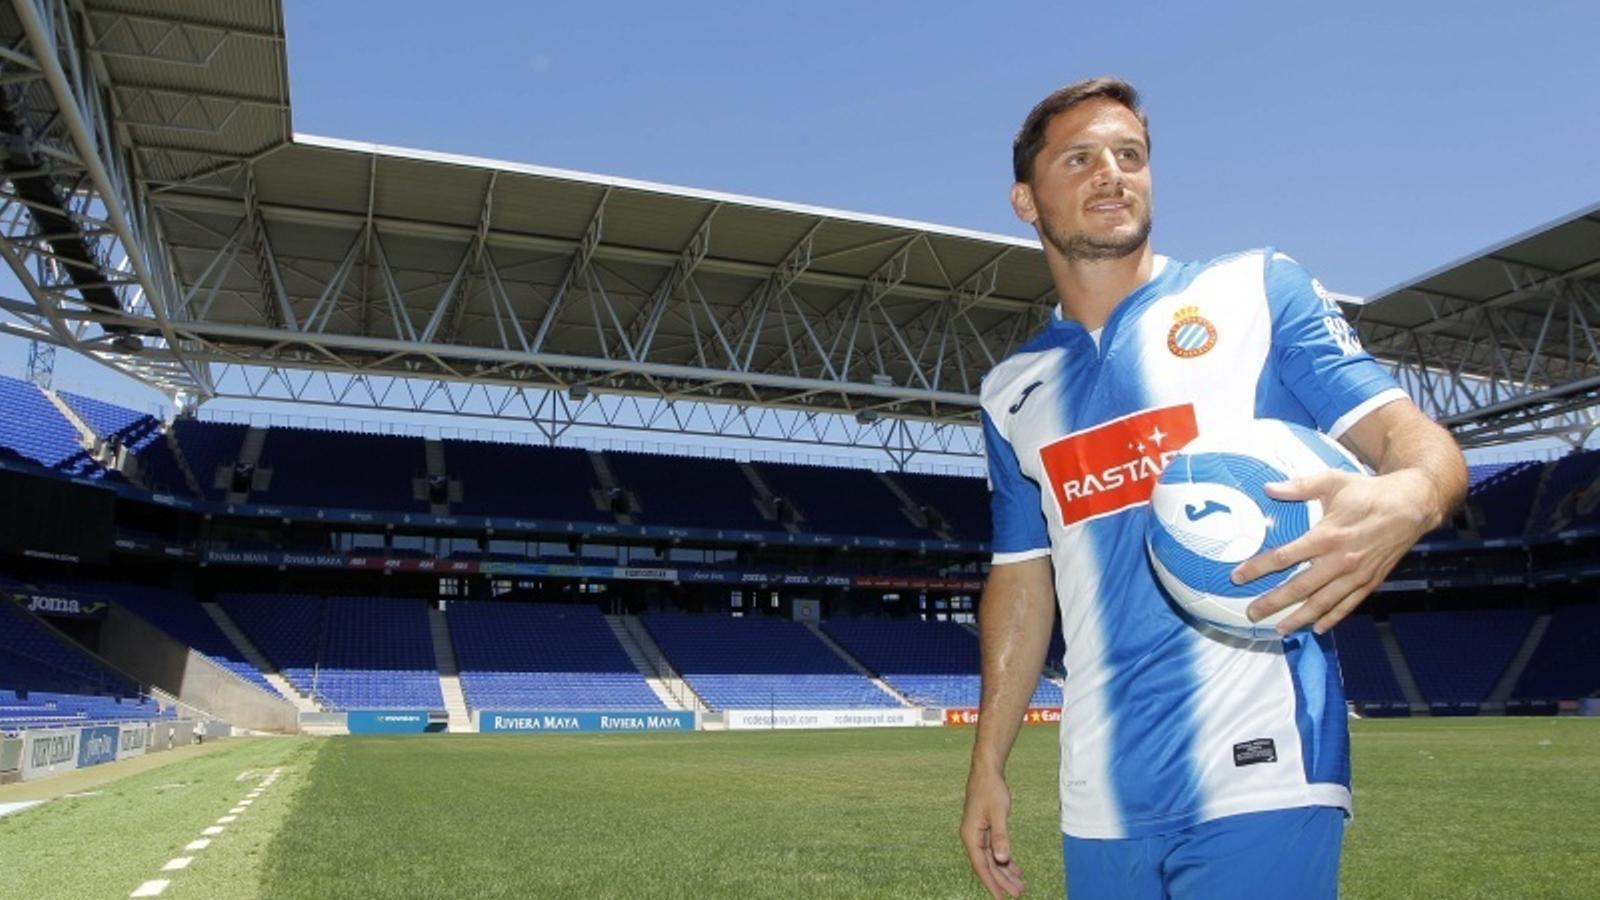 Piatti, amb la samarreta del proper curs de l'Espanyol